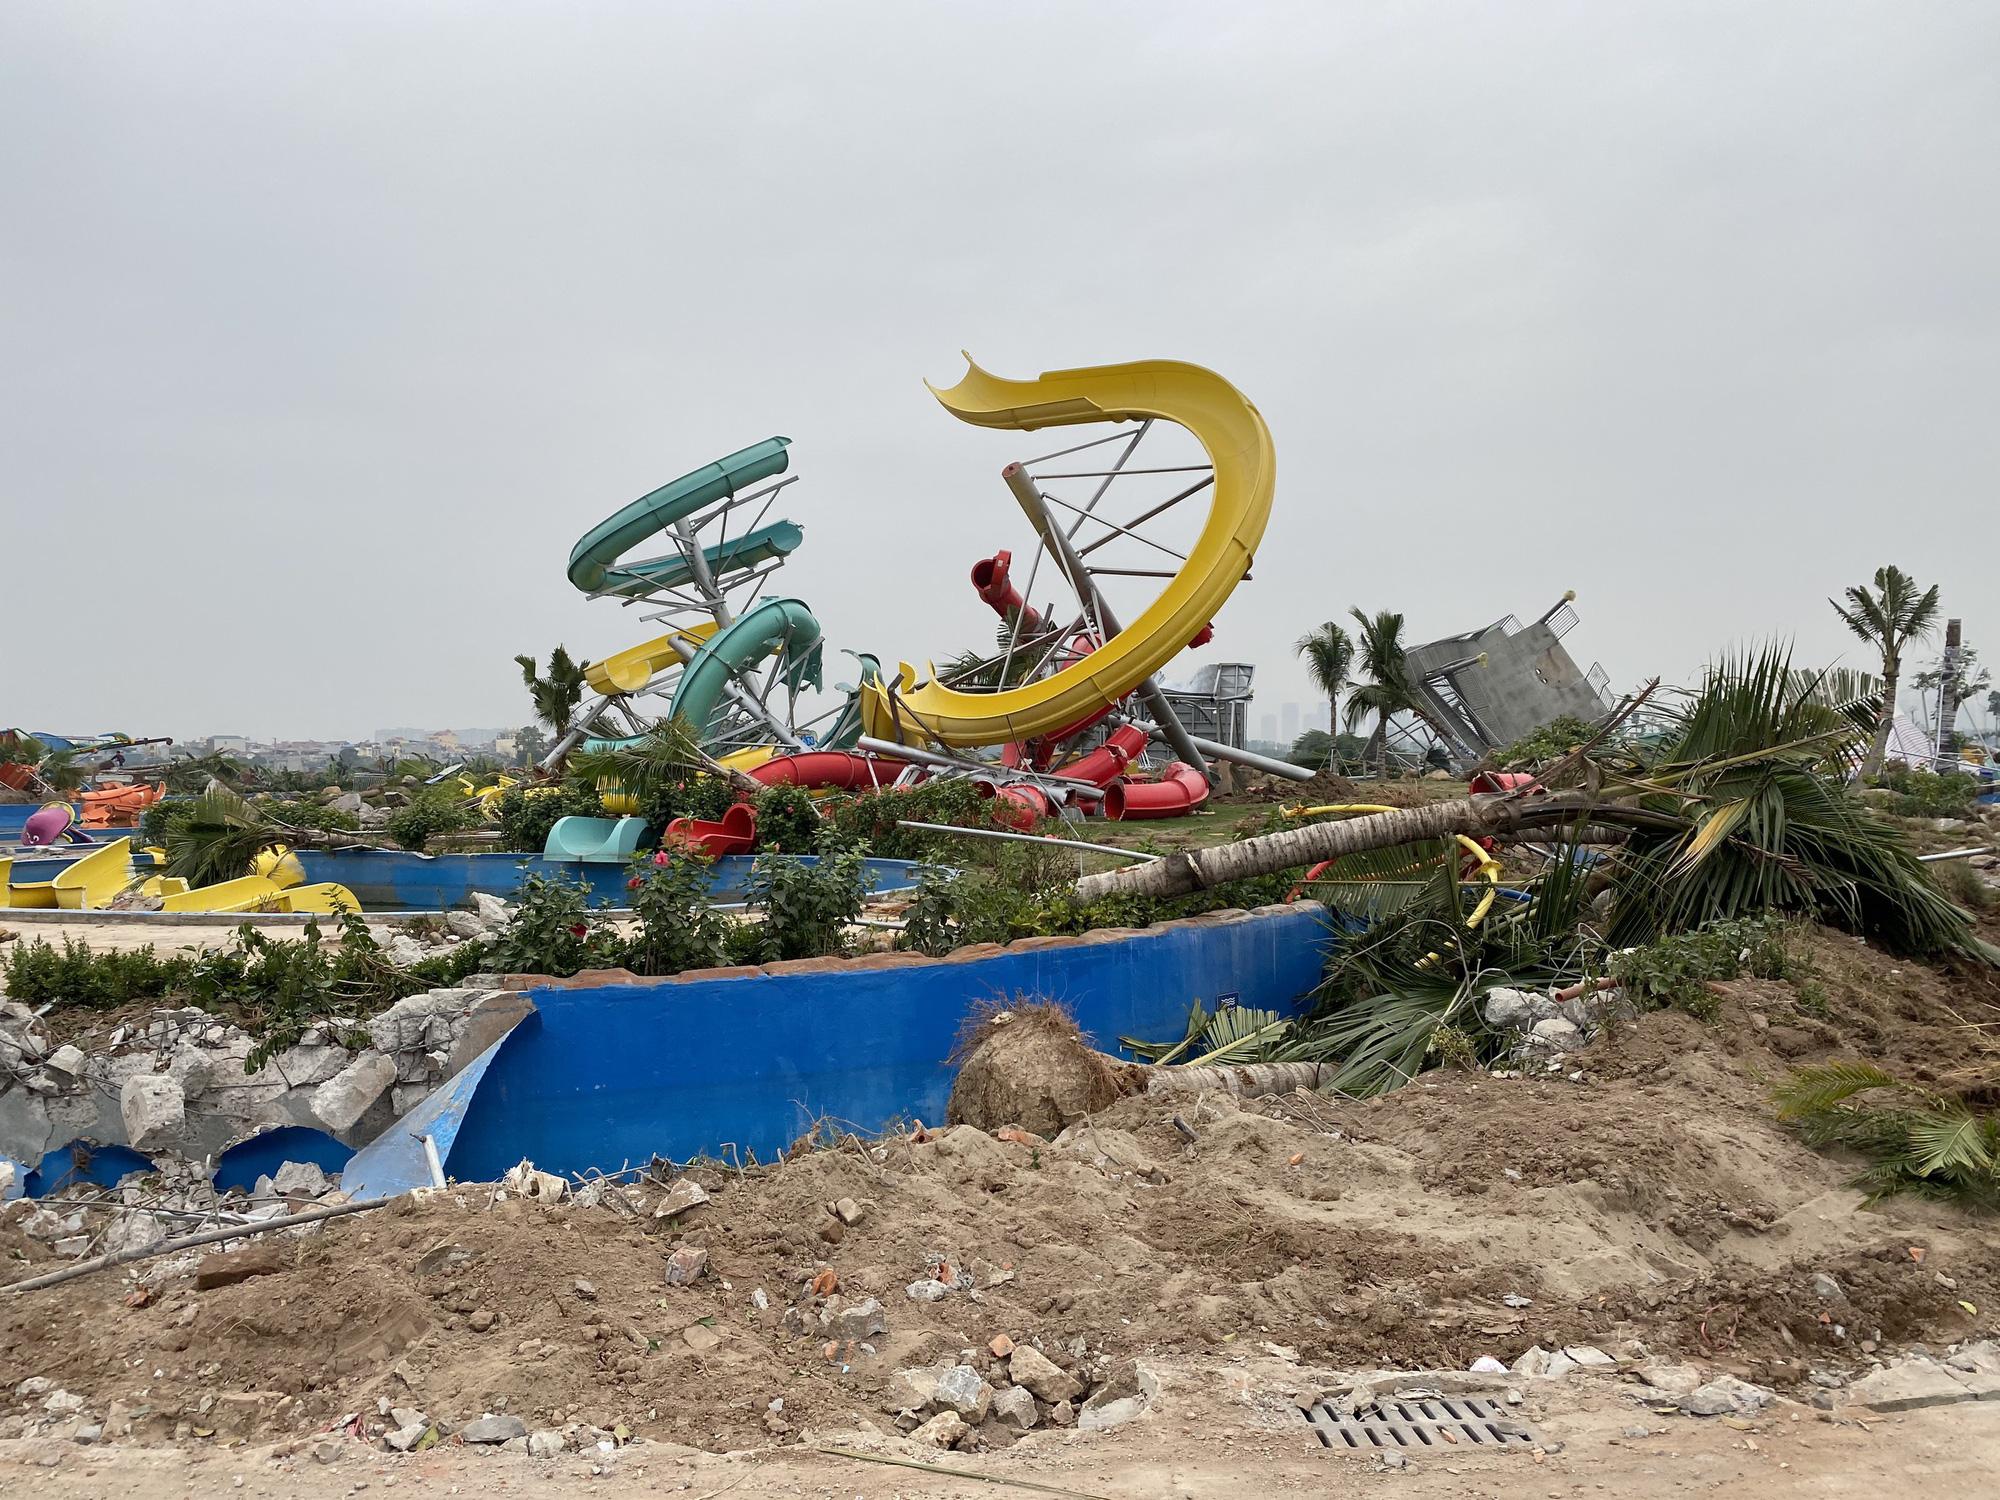 Hà Nội: Công viên hàng trăm tỷ đồng 'chớp mắt' biến thành đống đổ nát - Ảnh 5.